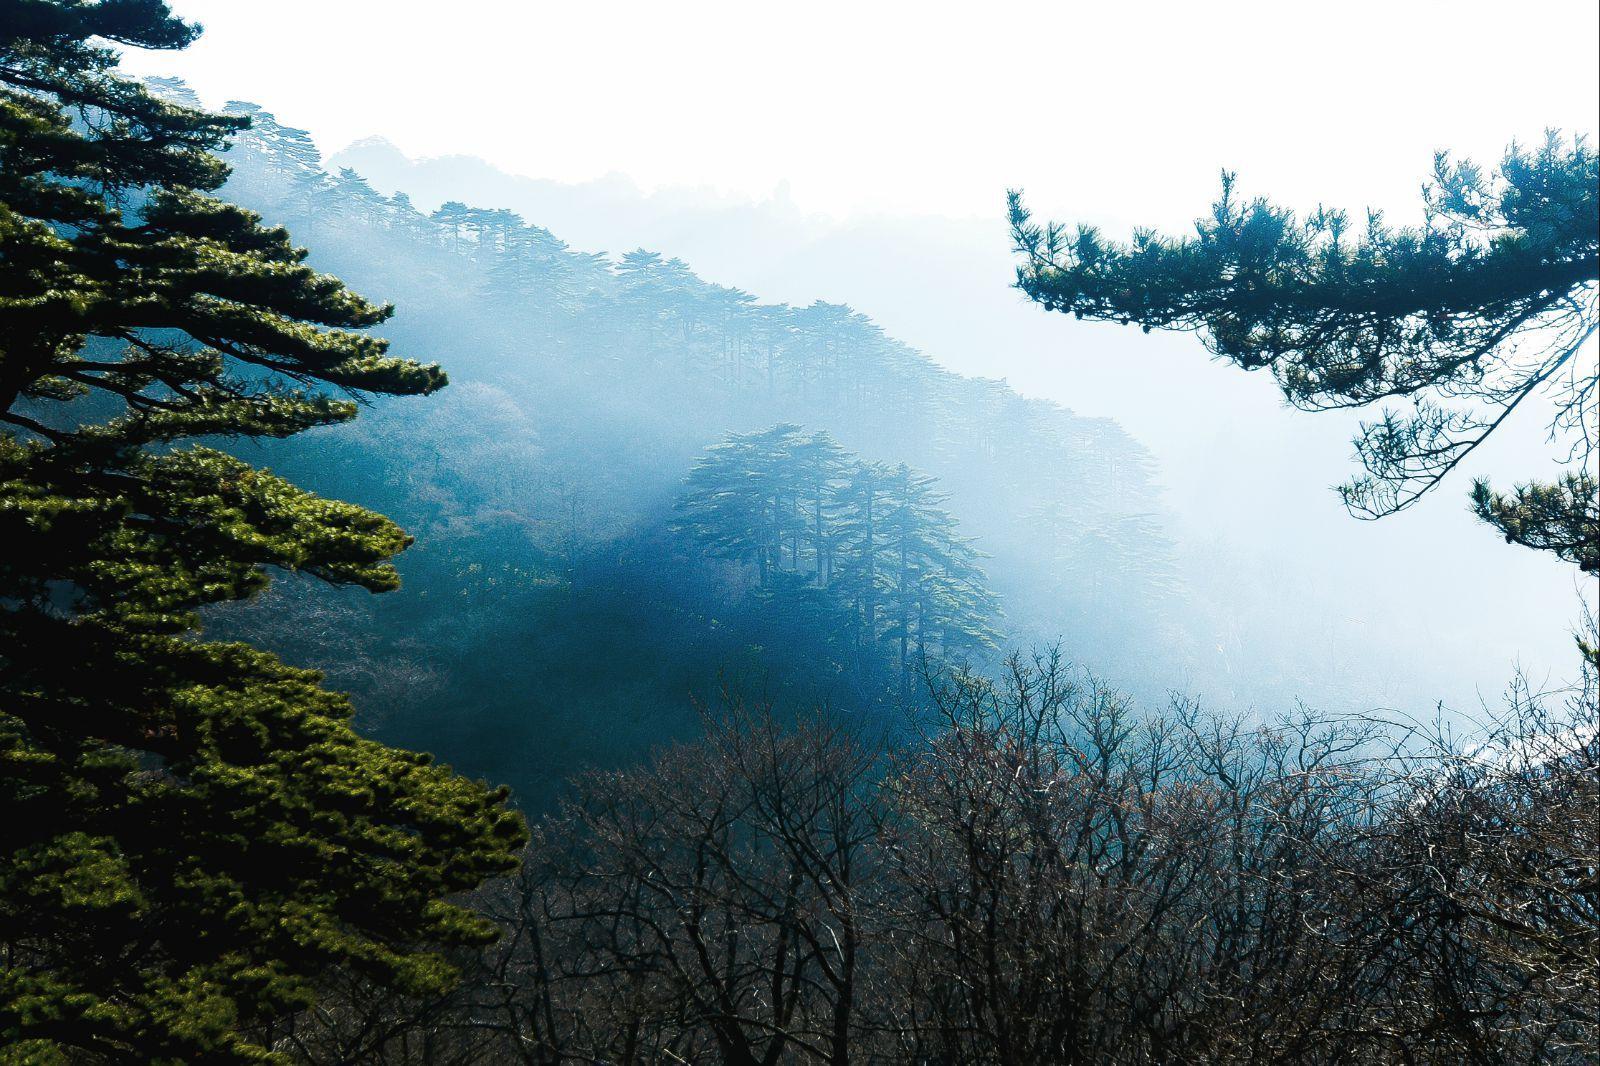 不得不说黄山的松树,挺拔